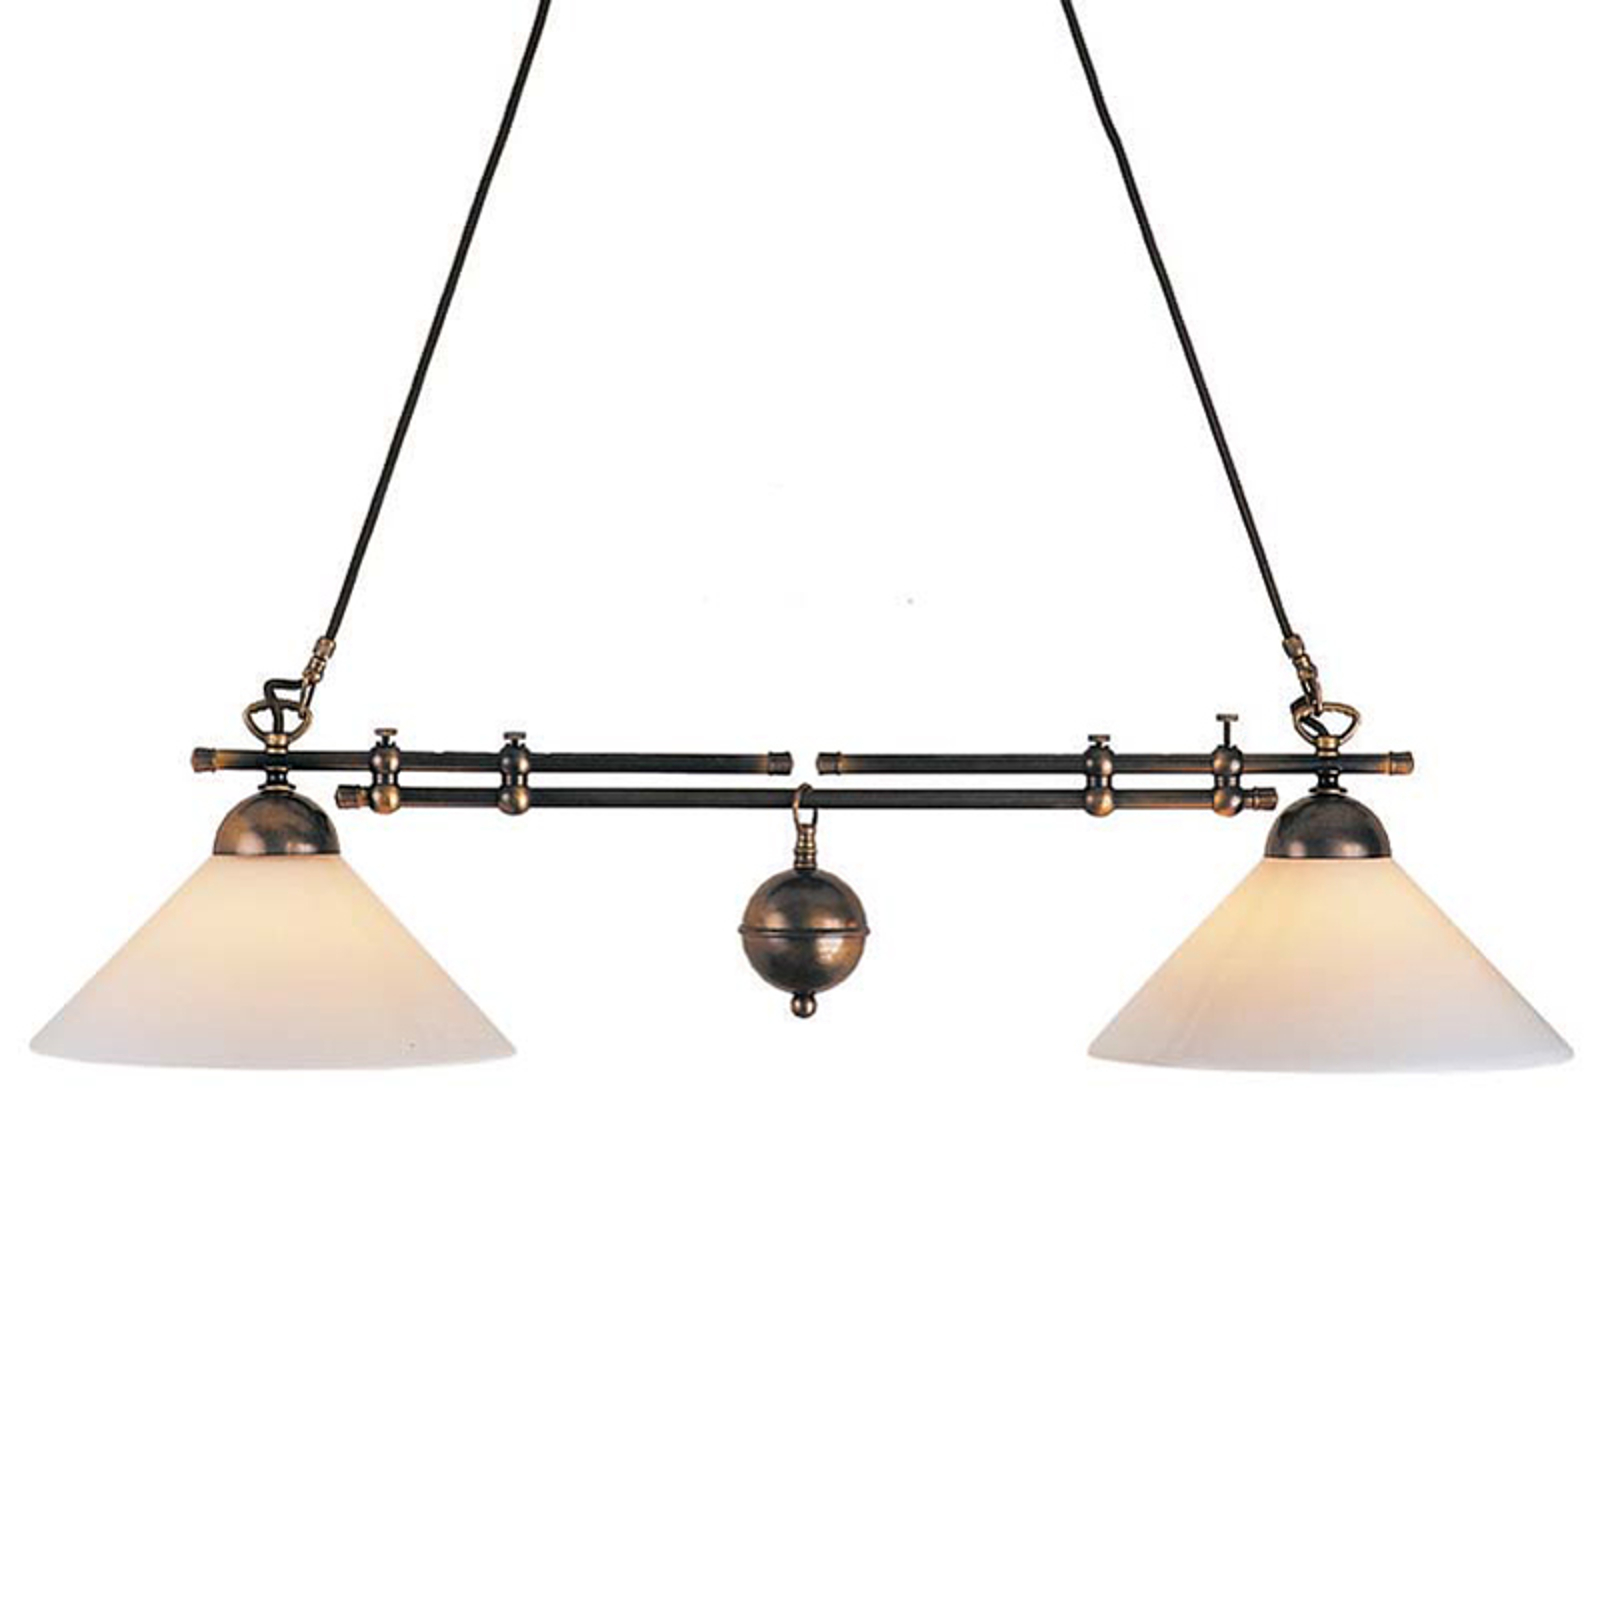 Lampa wisząca belka Anno 1900, 2-punktowa